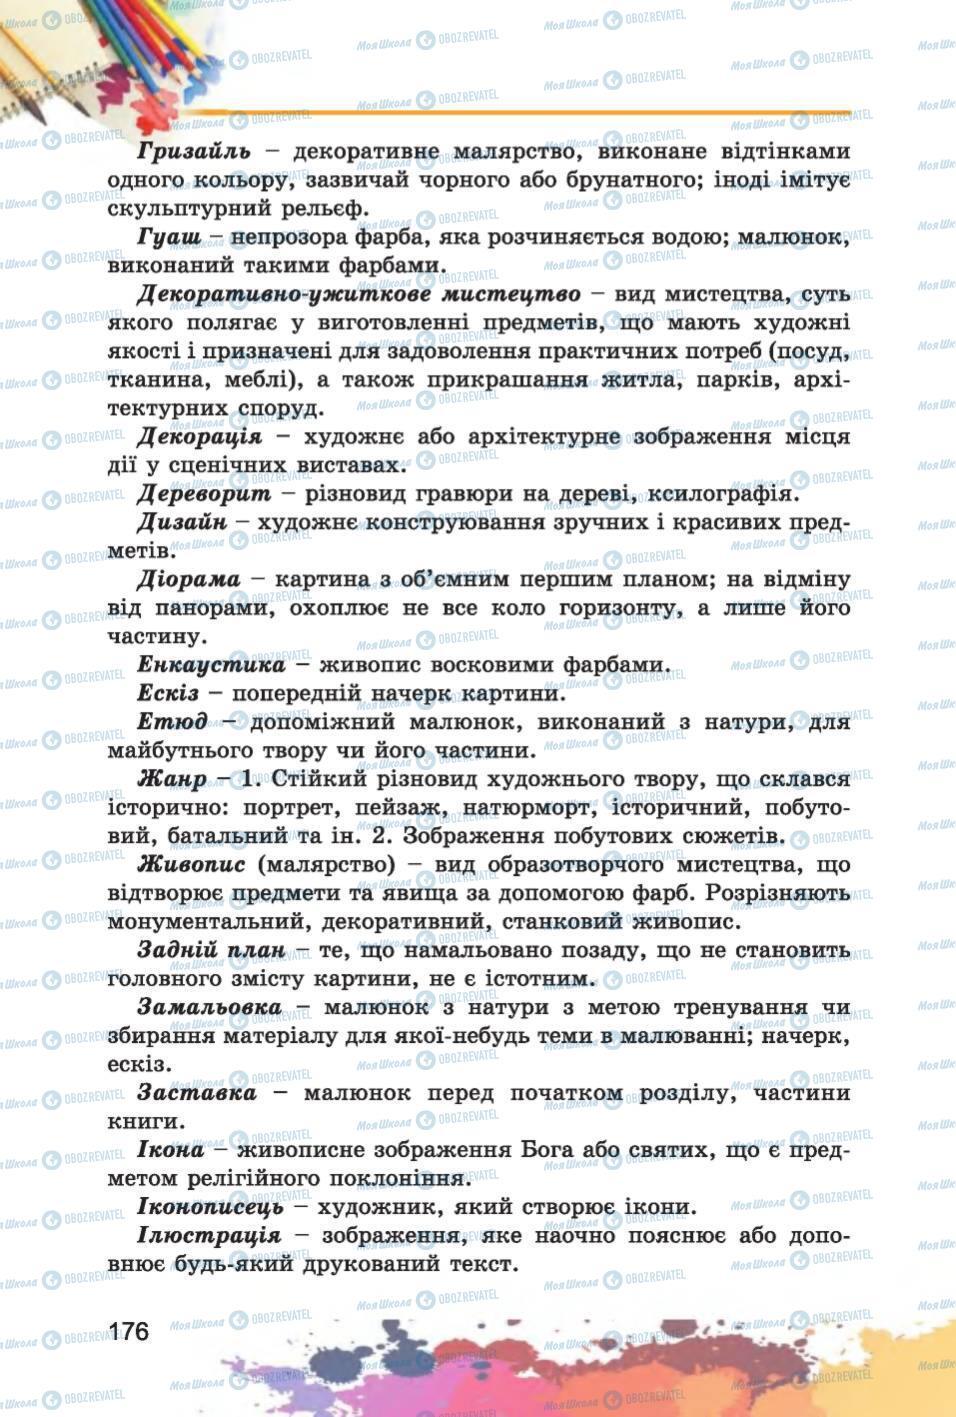 Підручники Образотворче мистецтво 6 клас сторінка 176